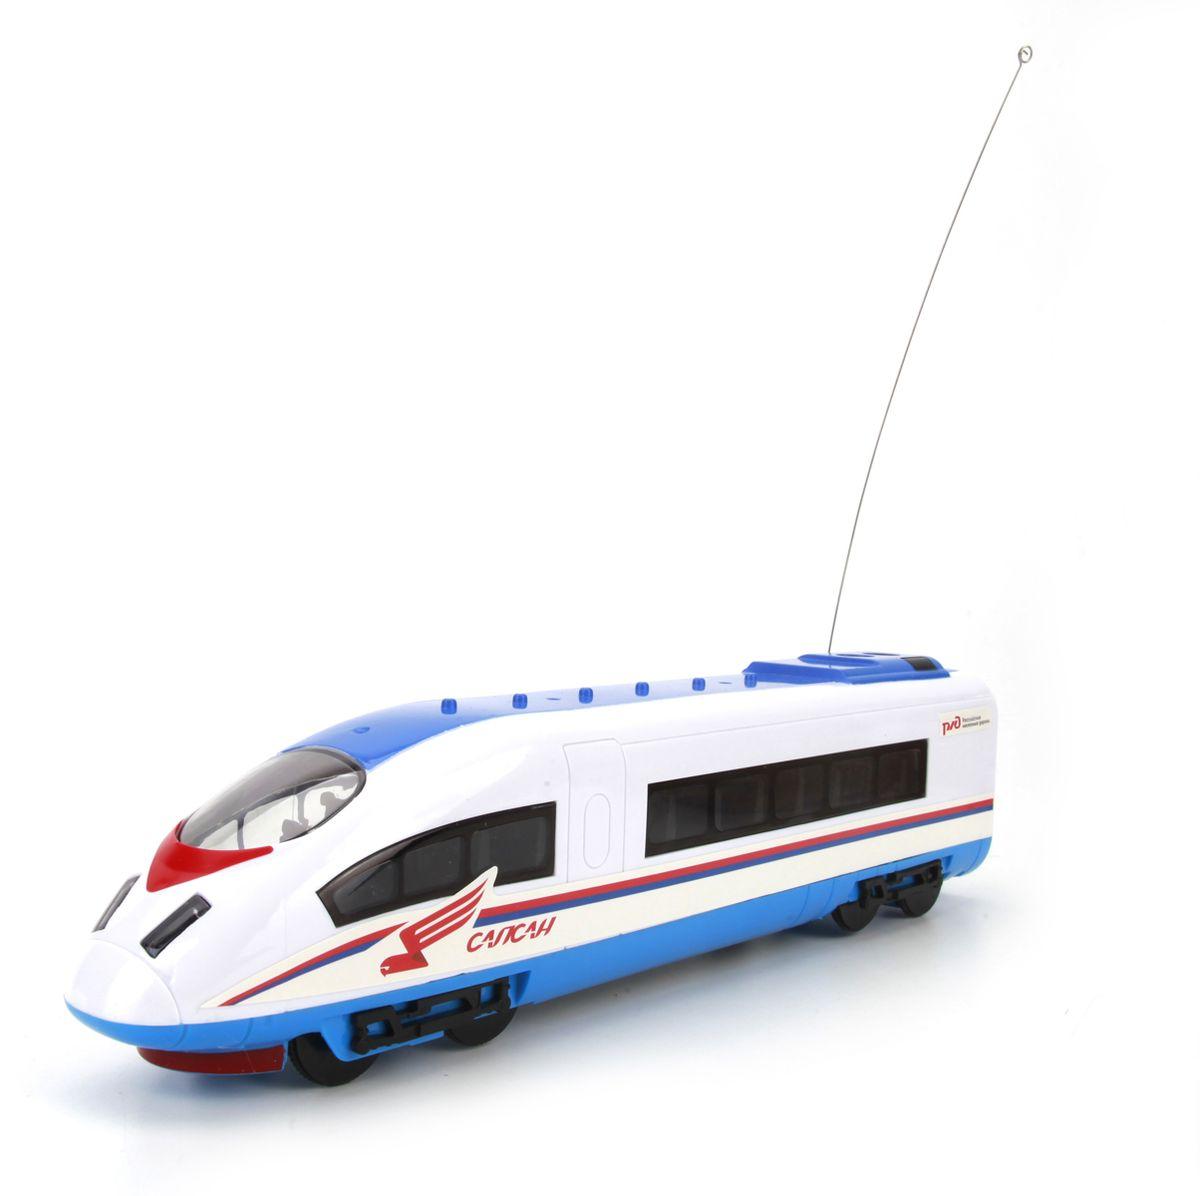 Играем вместе Поезд на радиоуправлении СапсанB921692-R16 каналов управления. Реальные объявления. Звук движущегося поезда.